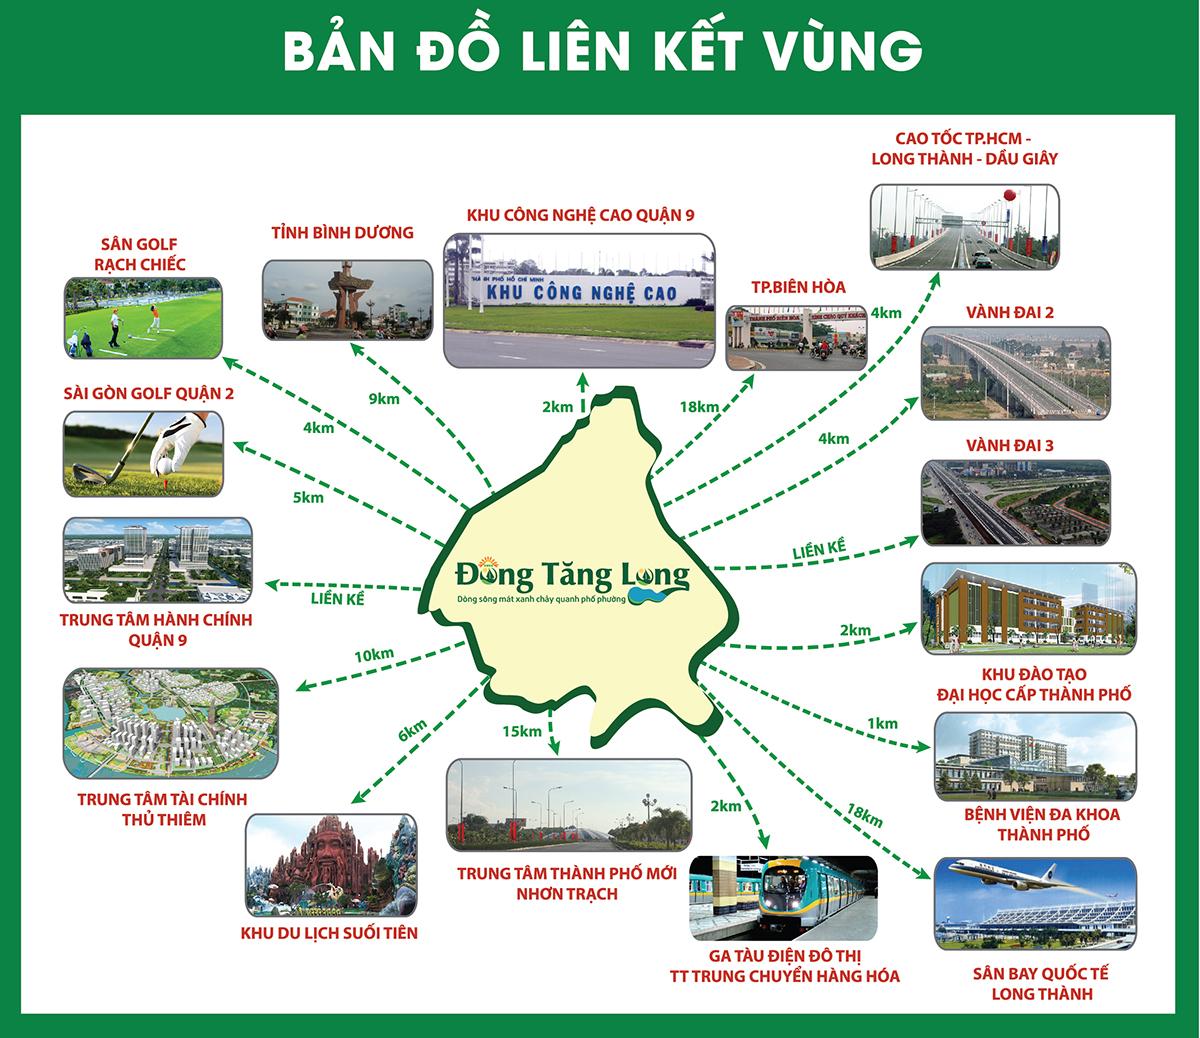 Liên kết vùng dự án bất động sản